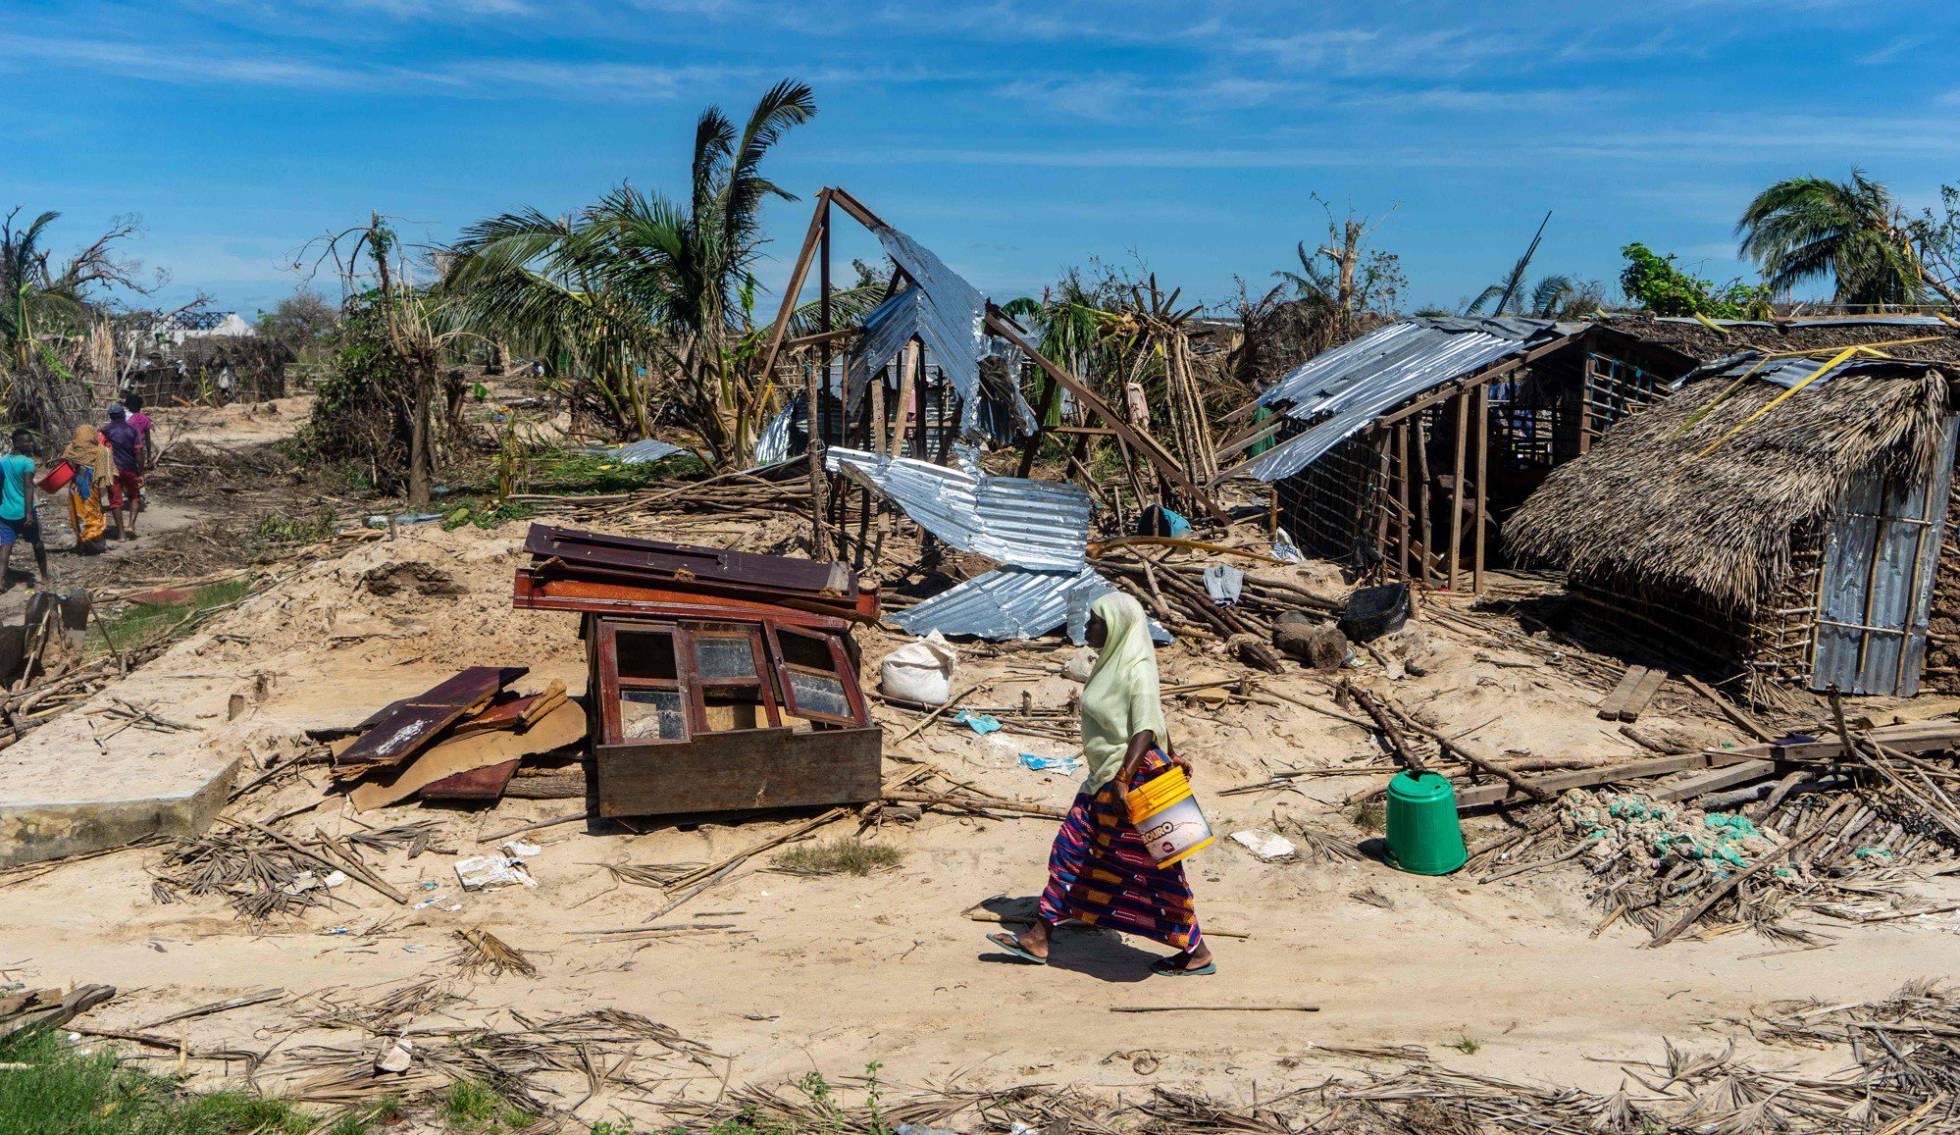 Una mujer camina junto a unas casas destrozadas por el ciclón Kenneth el pasado 13 de mayo en la localidad de Guludo de la isla de Ibo, en Mozambique.  ZINYANGE AUNTONY AFP